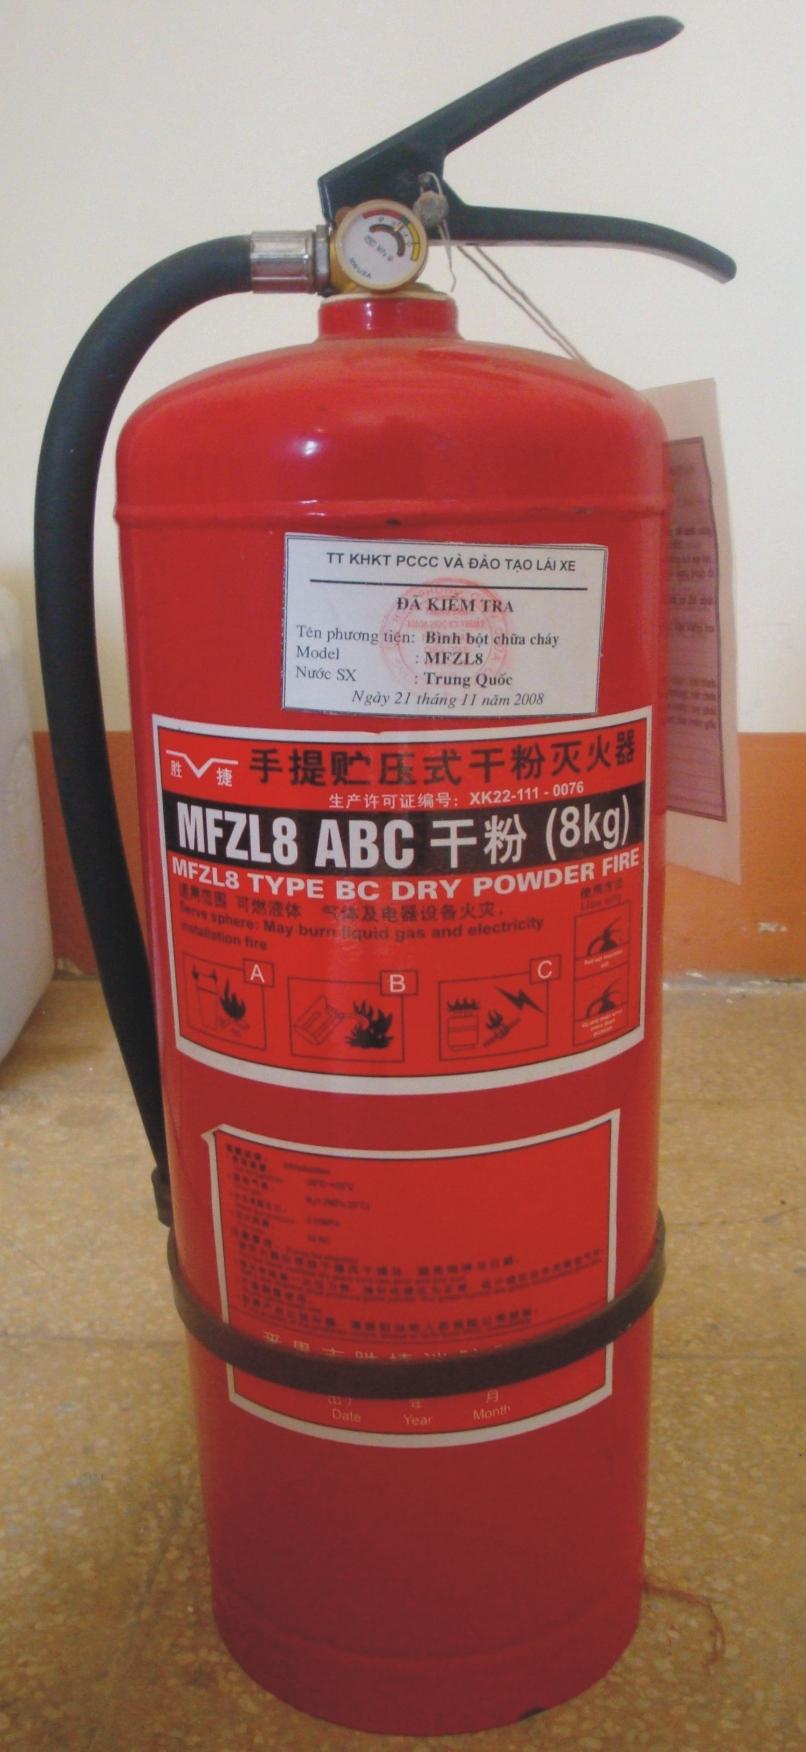 Bình chữa cháy MFZL8 (Bột ABC)